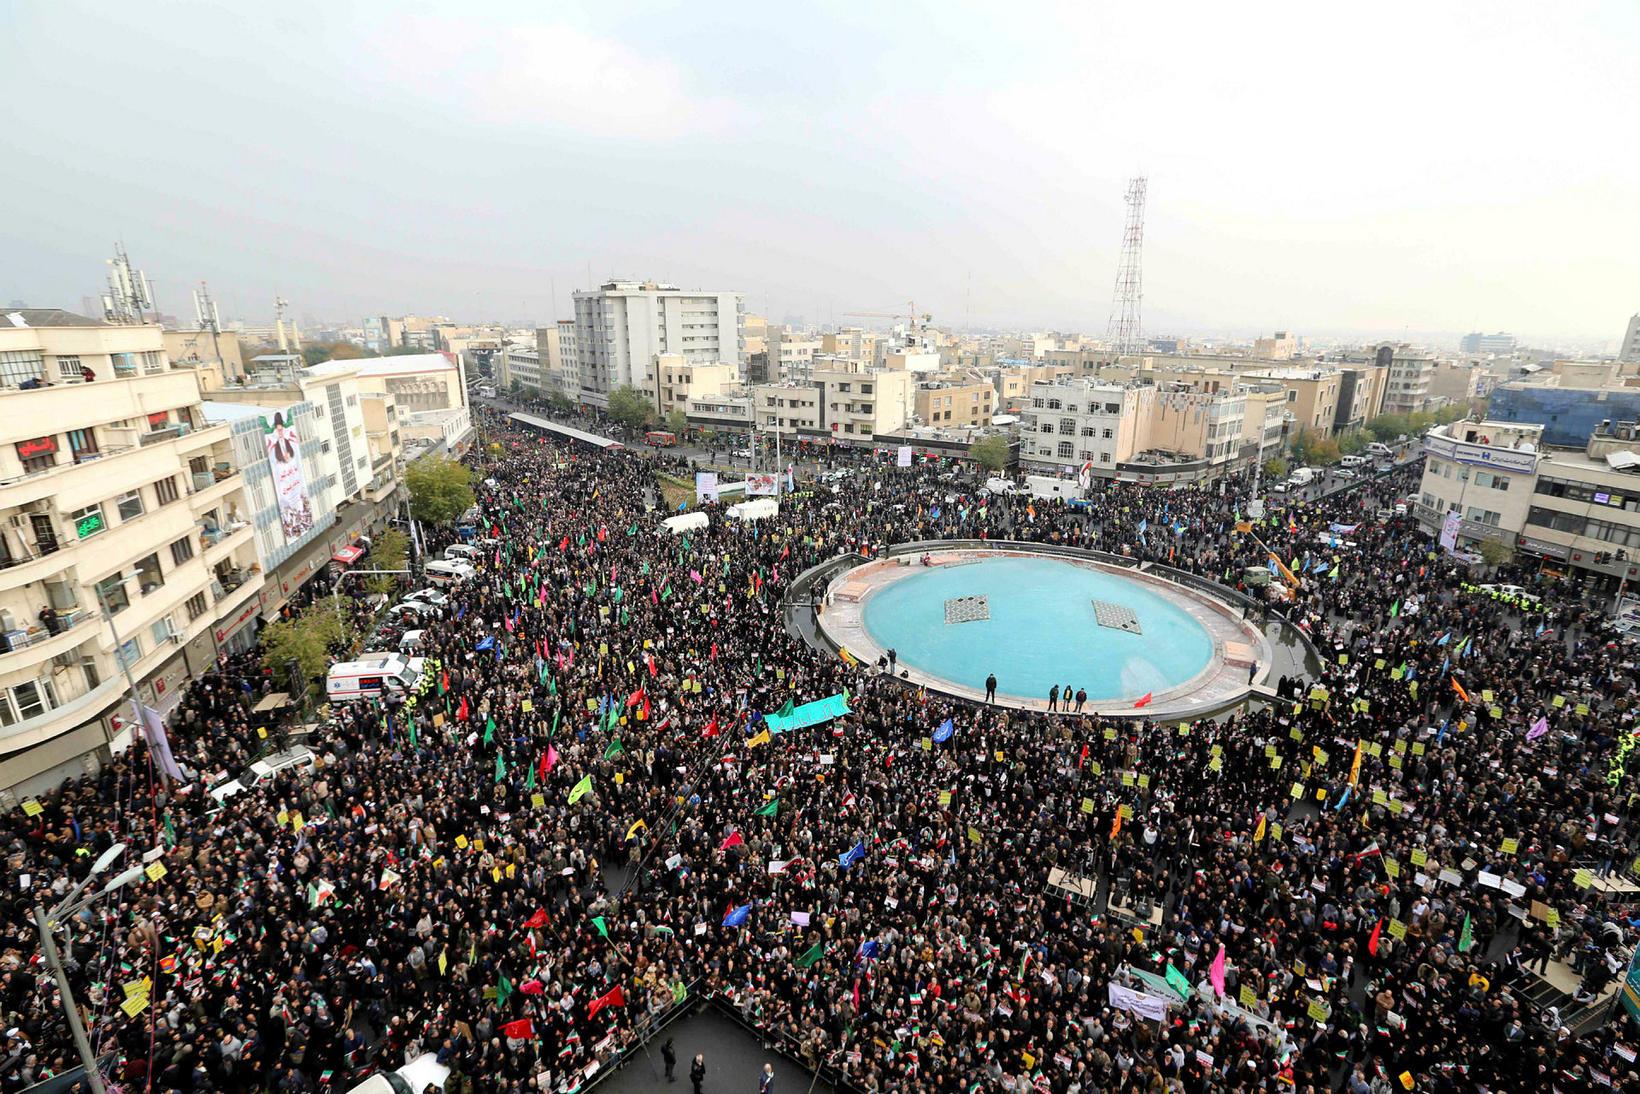 Mótmælendur á bandi stjórnvalda koma saman á fundi í Teheran …